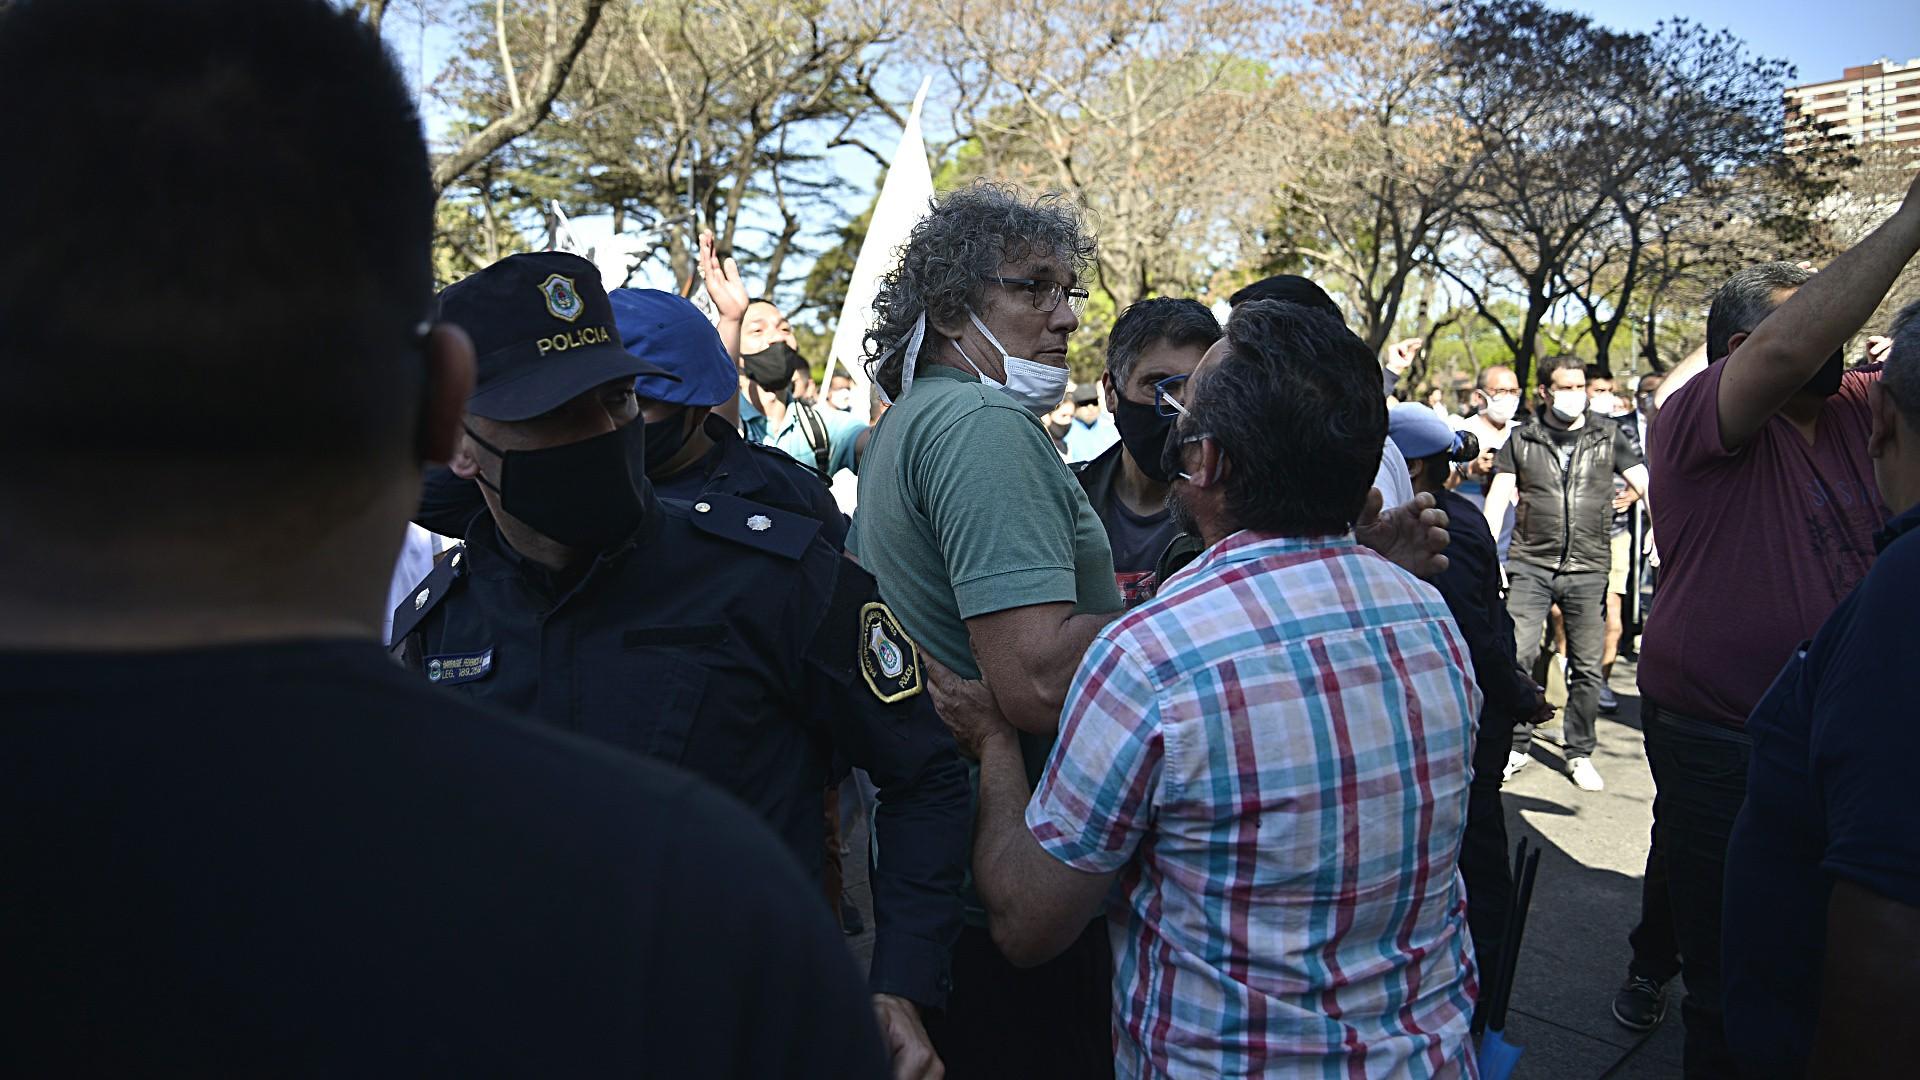 Frente a la quinta presidencial se vivieron momentos de tensión entre las dos facciones de la protesta